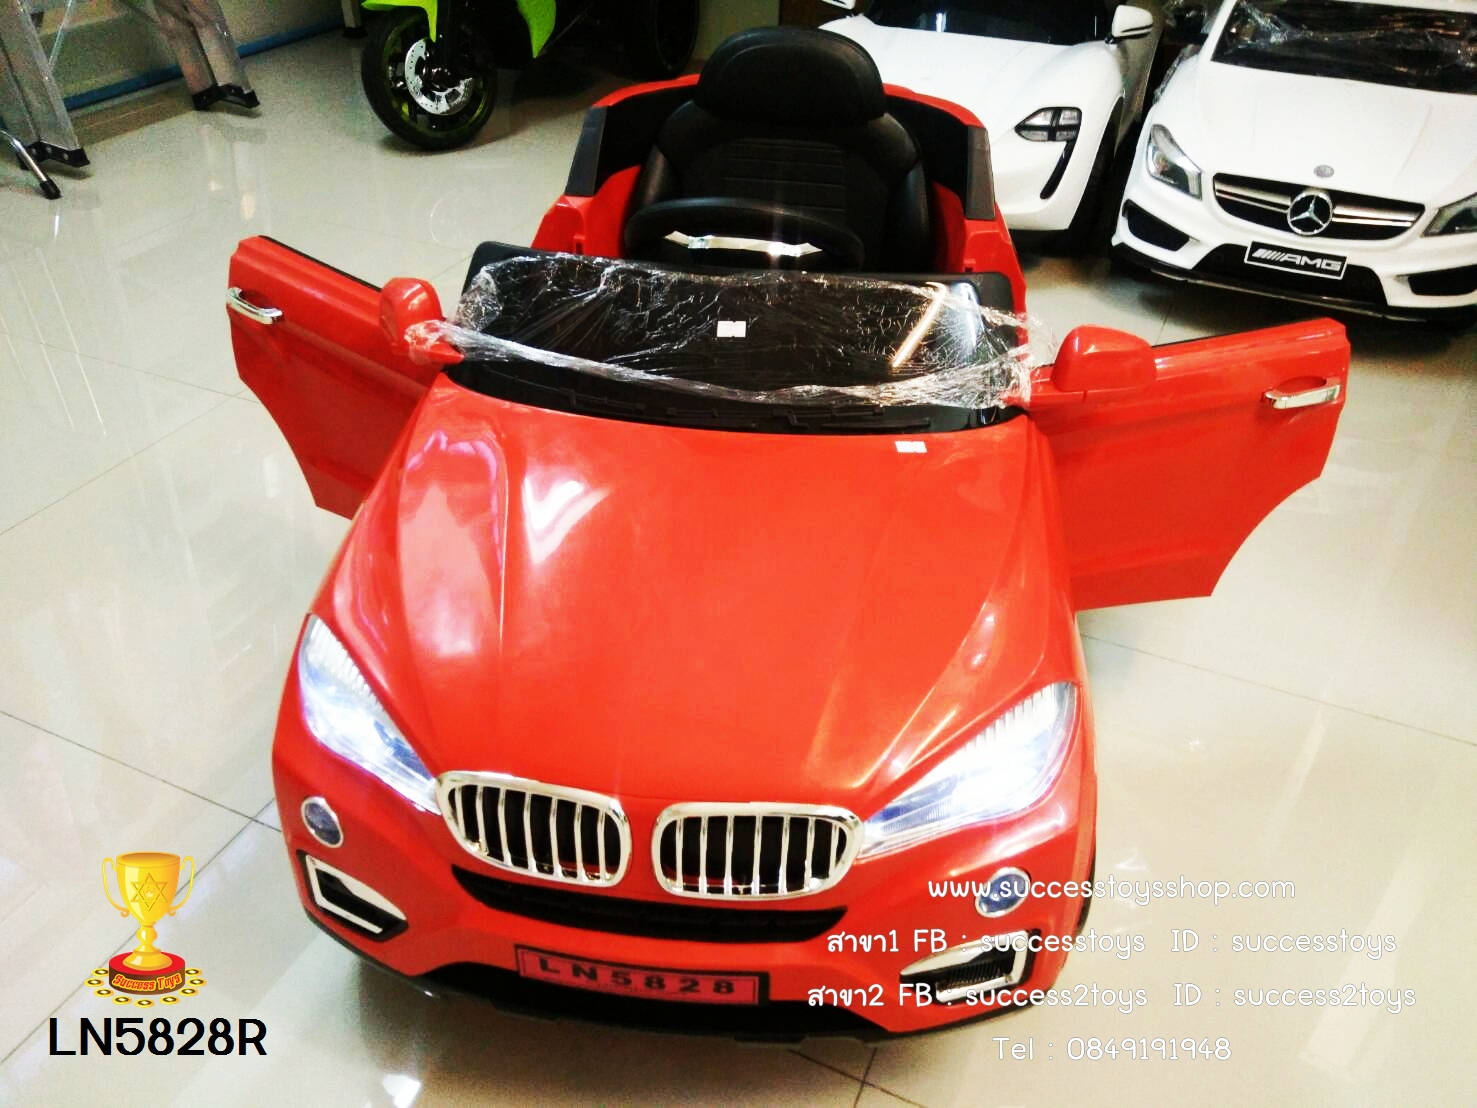 LN5828Rรถแบตเตอรี่เด็กนั่งไฟฟ้า รุ่น ln5828 ยี่ห้อ BMW-X5 2m มี 3 สี แดง ขาว เขียว